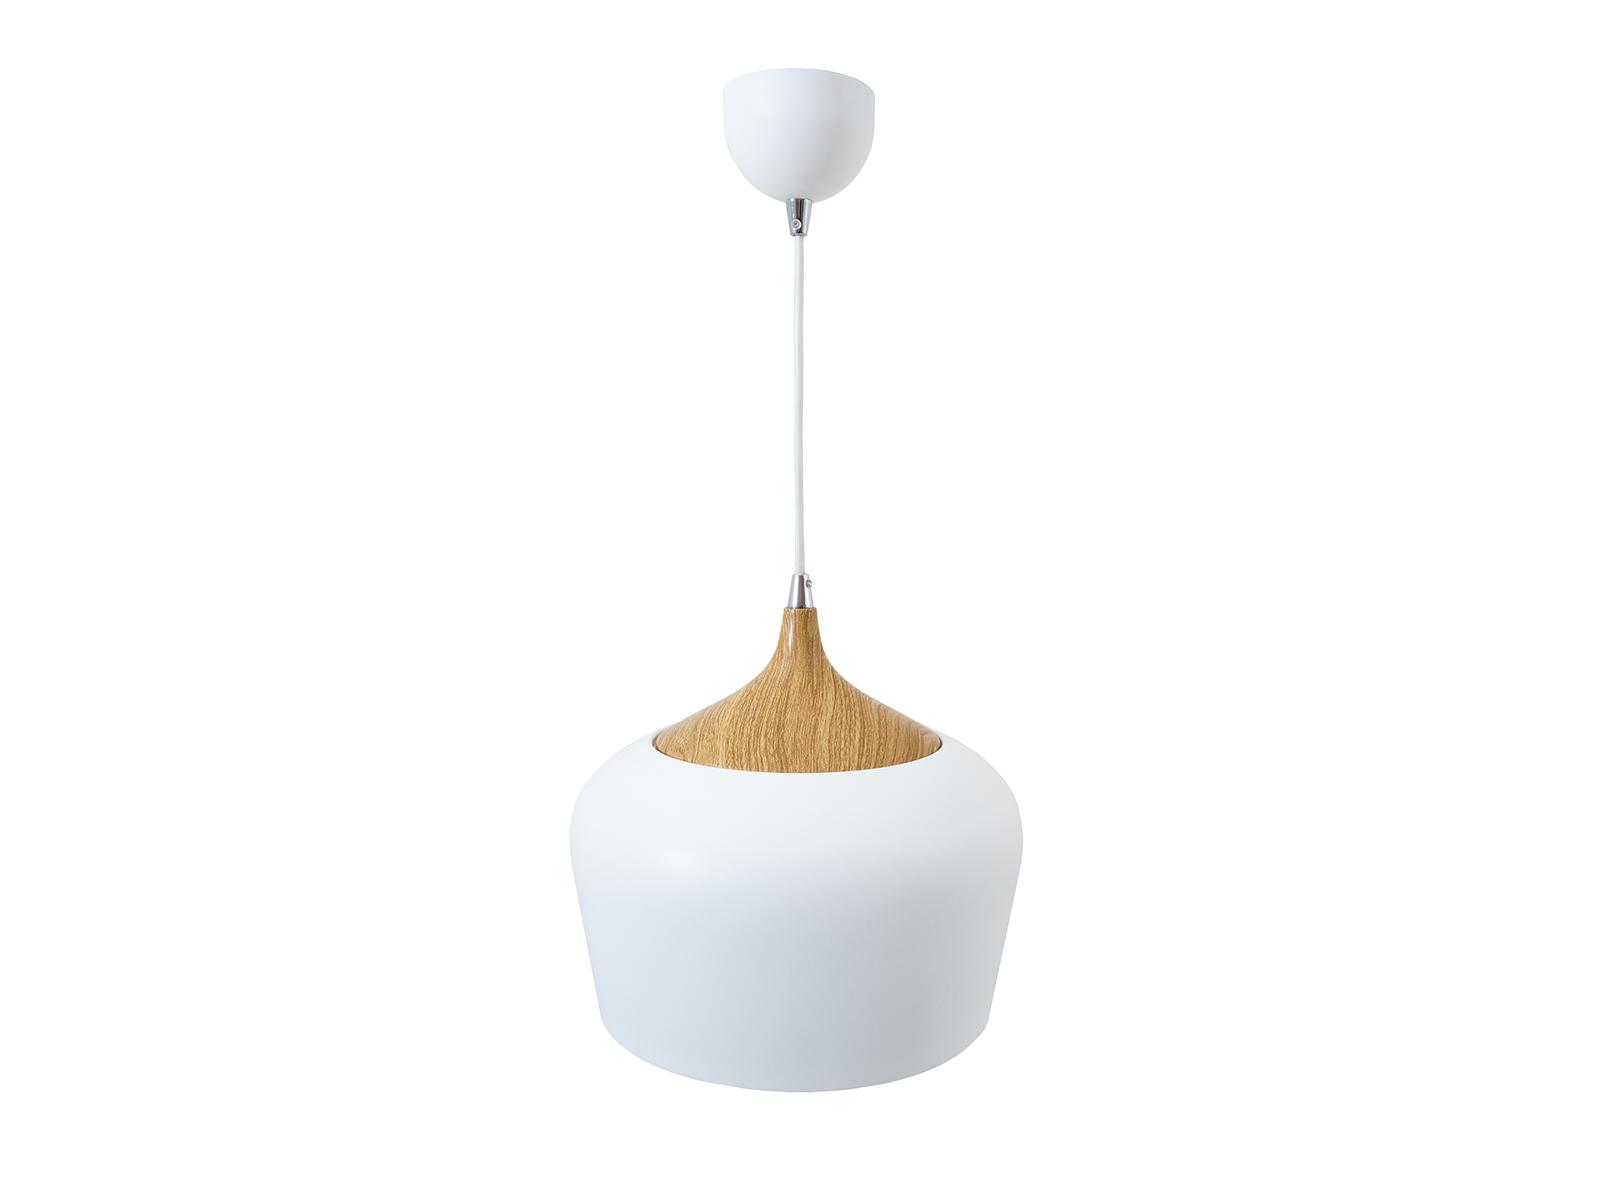 Светильник MocoСветильники подвесные<br>Подвесной светильник. Обеспечивает направленный свет; подходит, например, для освещения обеденного стола или барной стойки. Цоколь лампы: E27.<br>